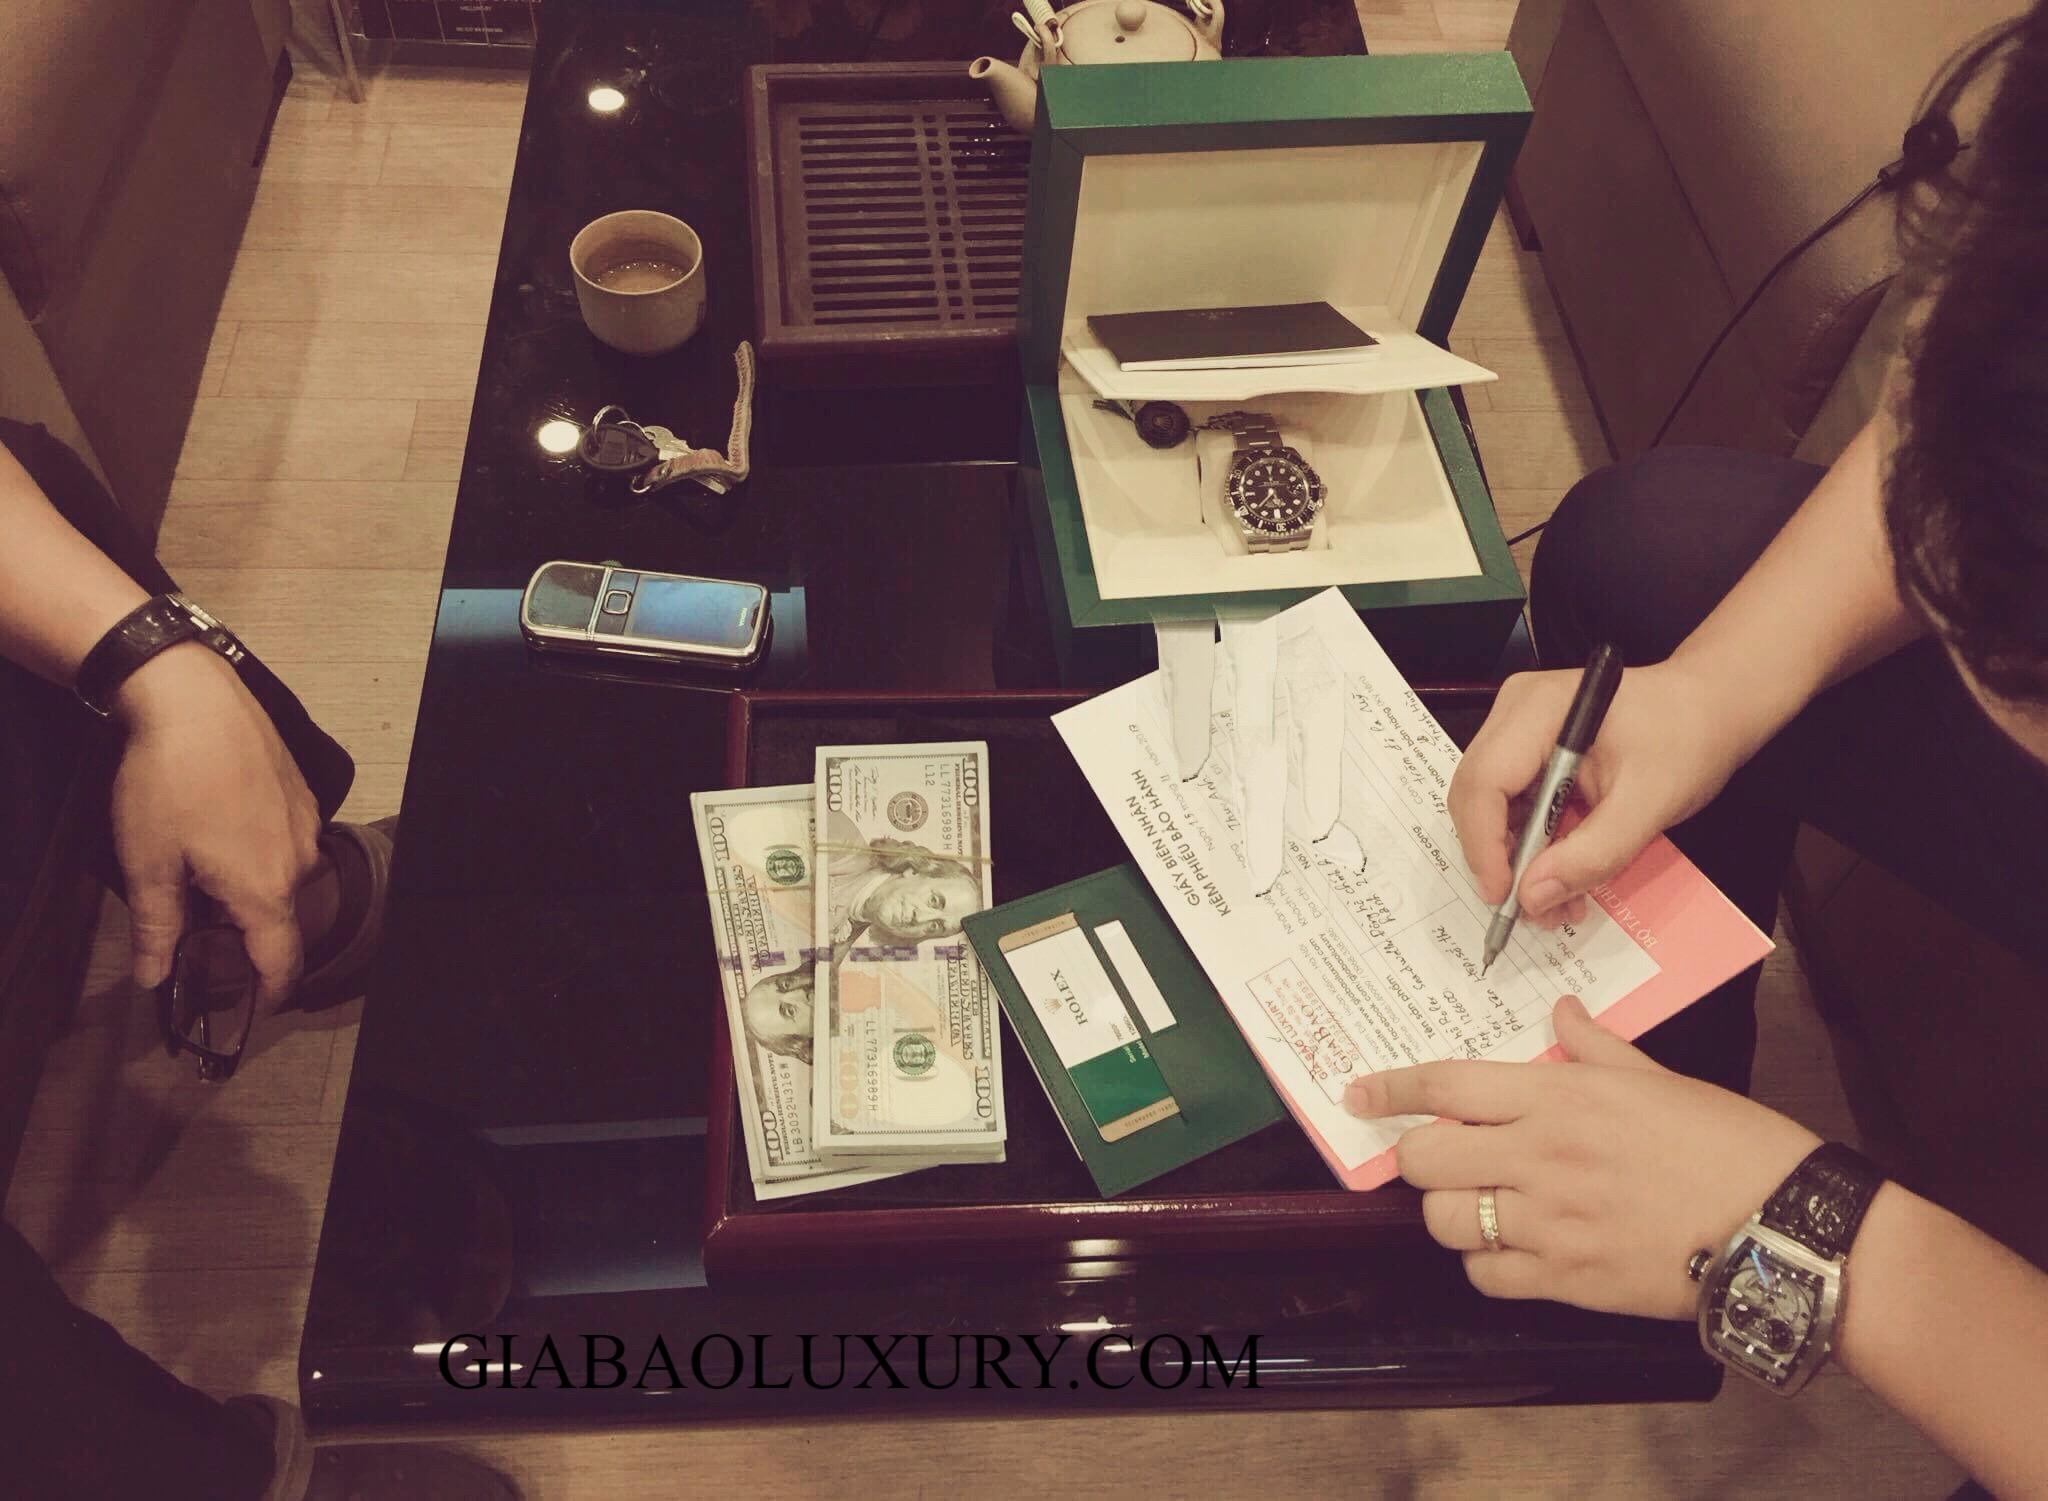 Giao dịch thu mua đồng hồ Bvlgari tại Gia Bảo Luxury